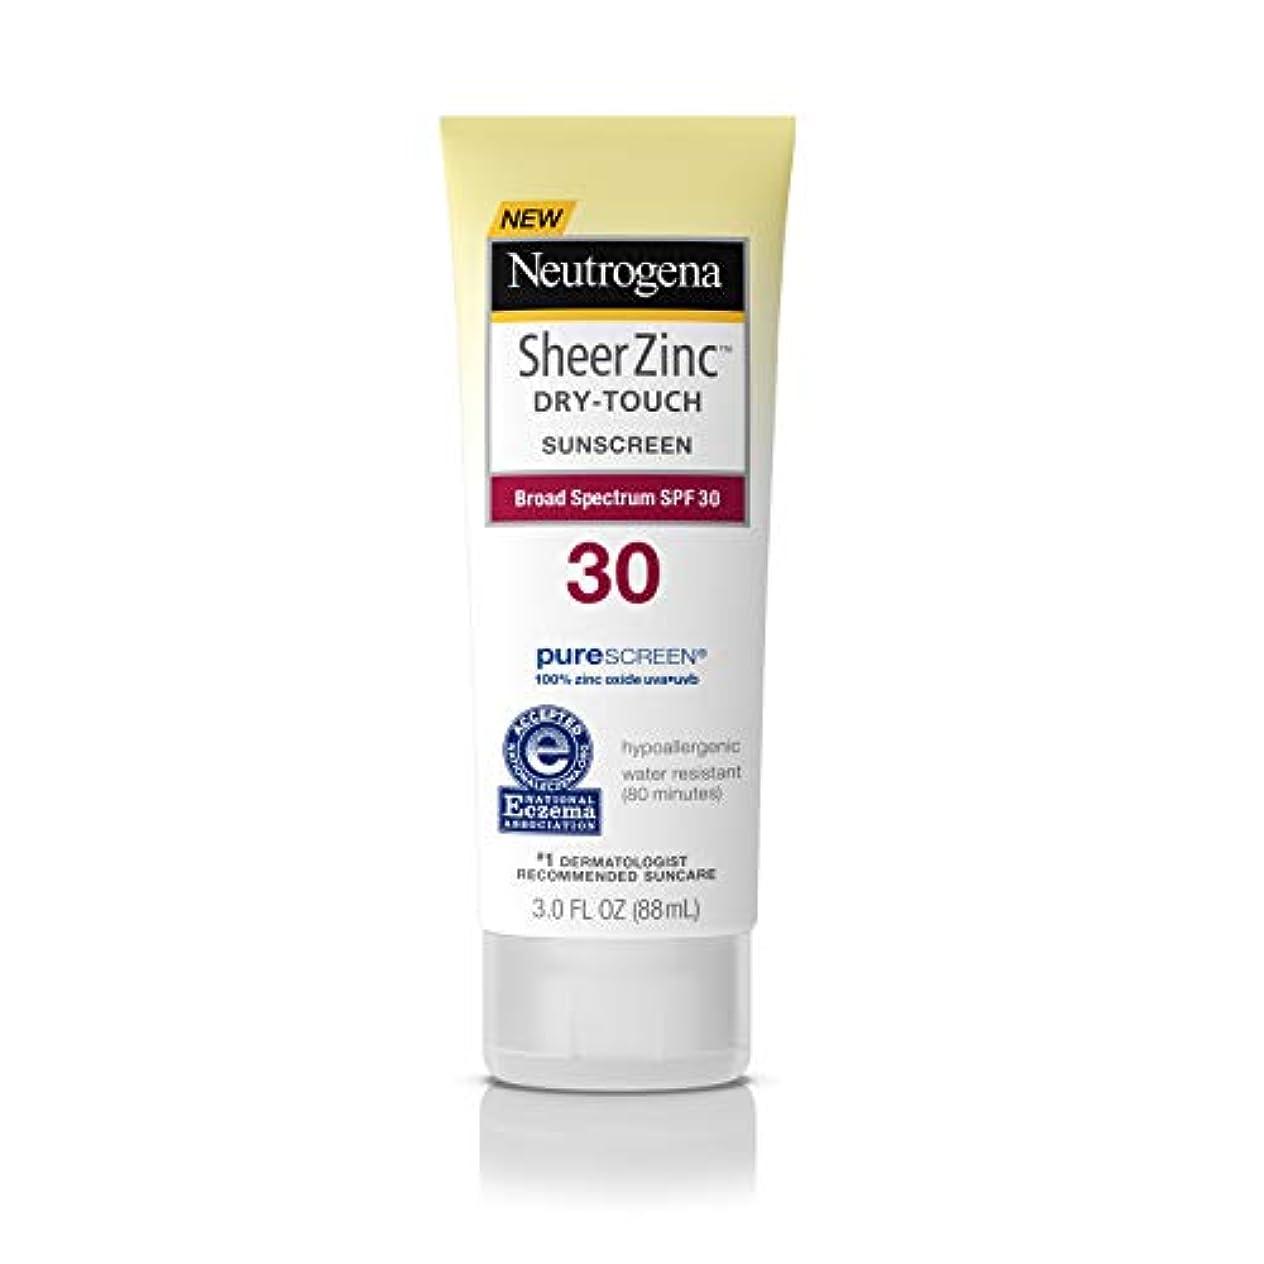 ハリウッド農学石膏Neutrogena シアー亜鉛ドライタッチSPF#30日焼け止め3オンス(88Ml)